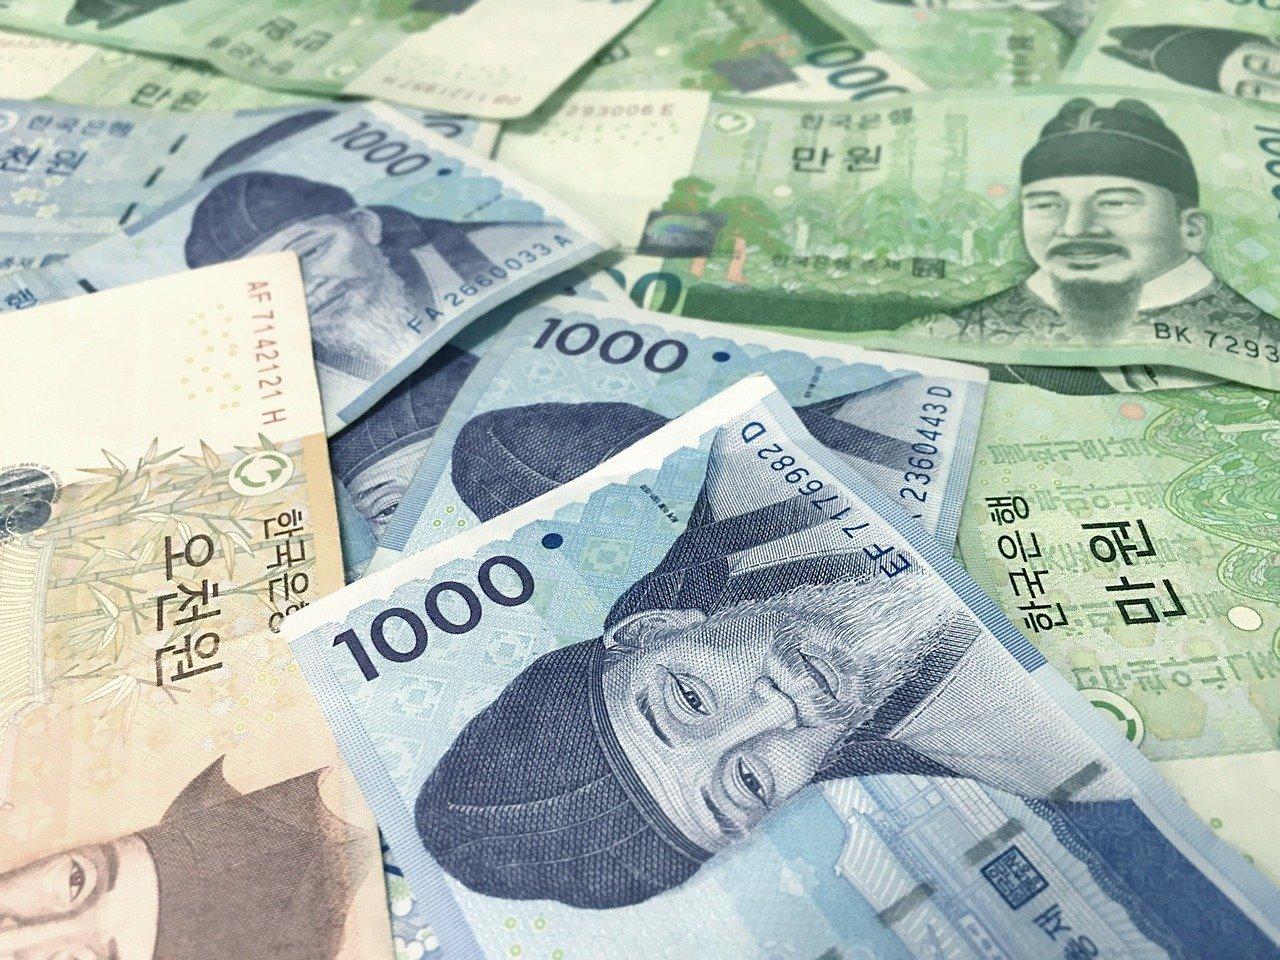 günstige Alternativen zu teuren Reisezielen Geld